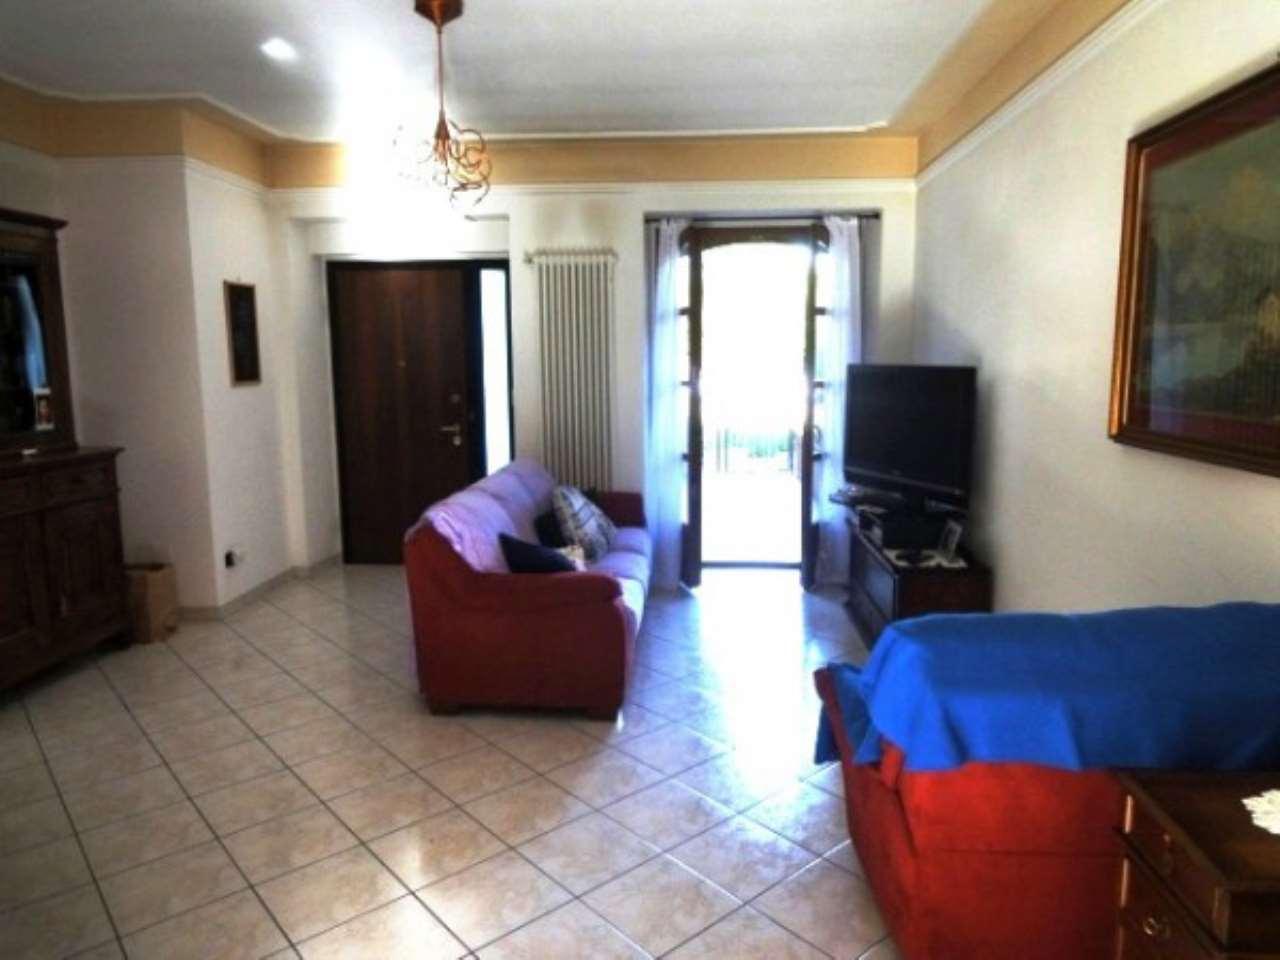 Appartamento in vendita a San Genesio ed Uniti, 1 locali, prezzo € 155.000 | PortaleAgenzieImmobiliari.it